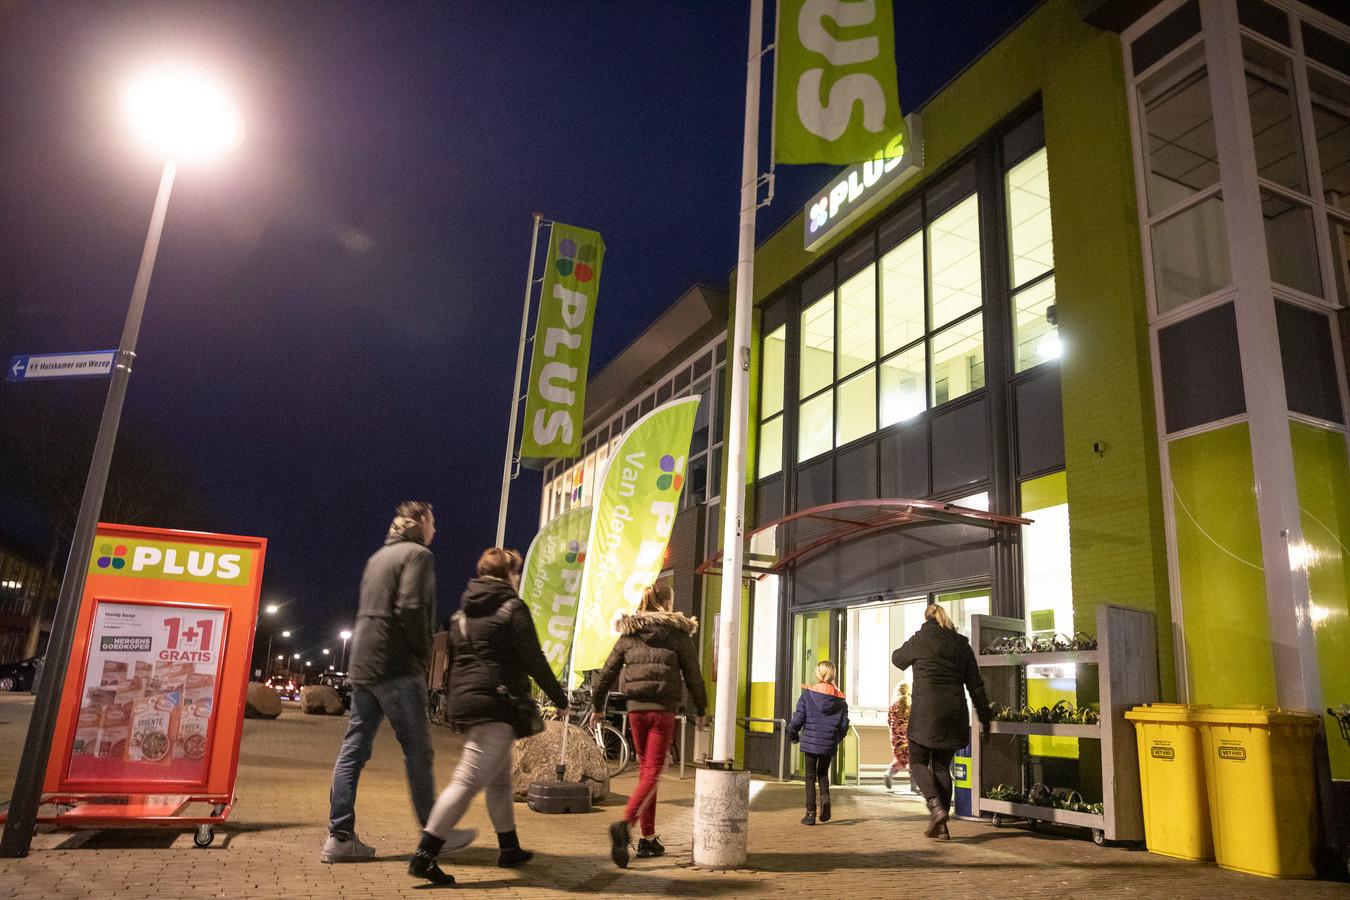 De Plus supermarkt in Wezep.